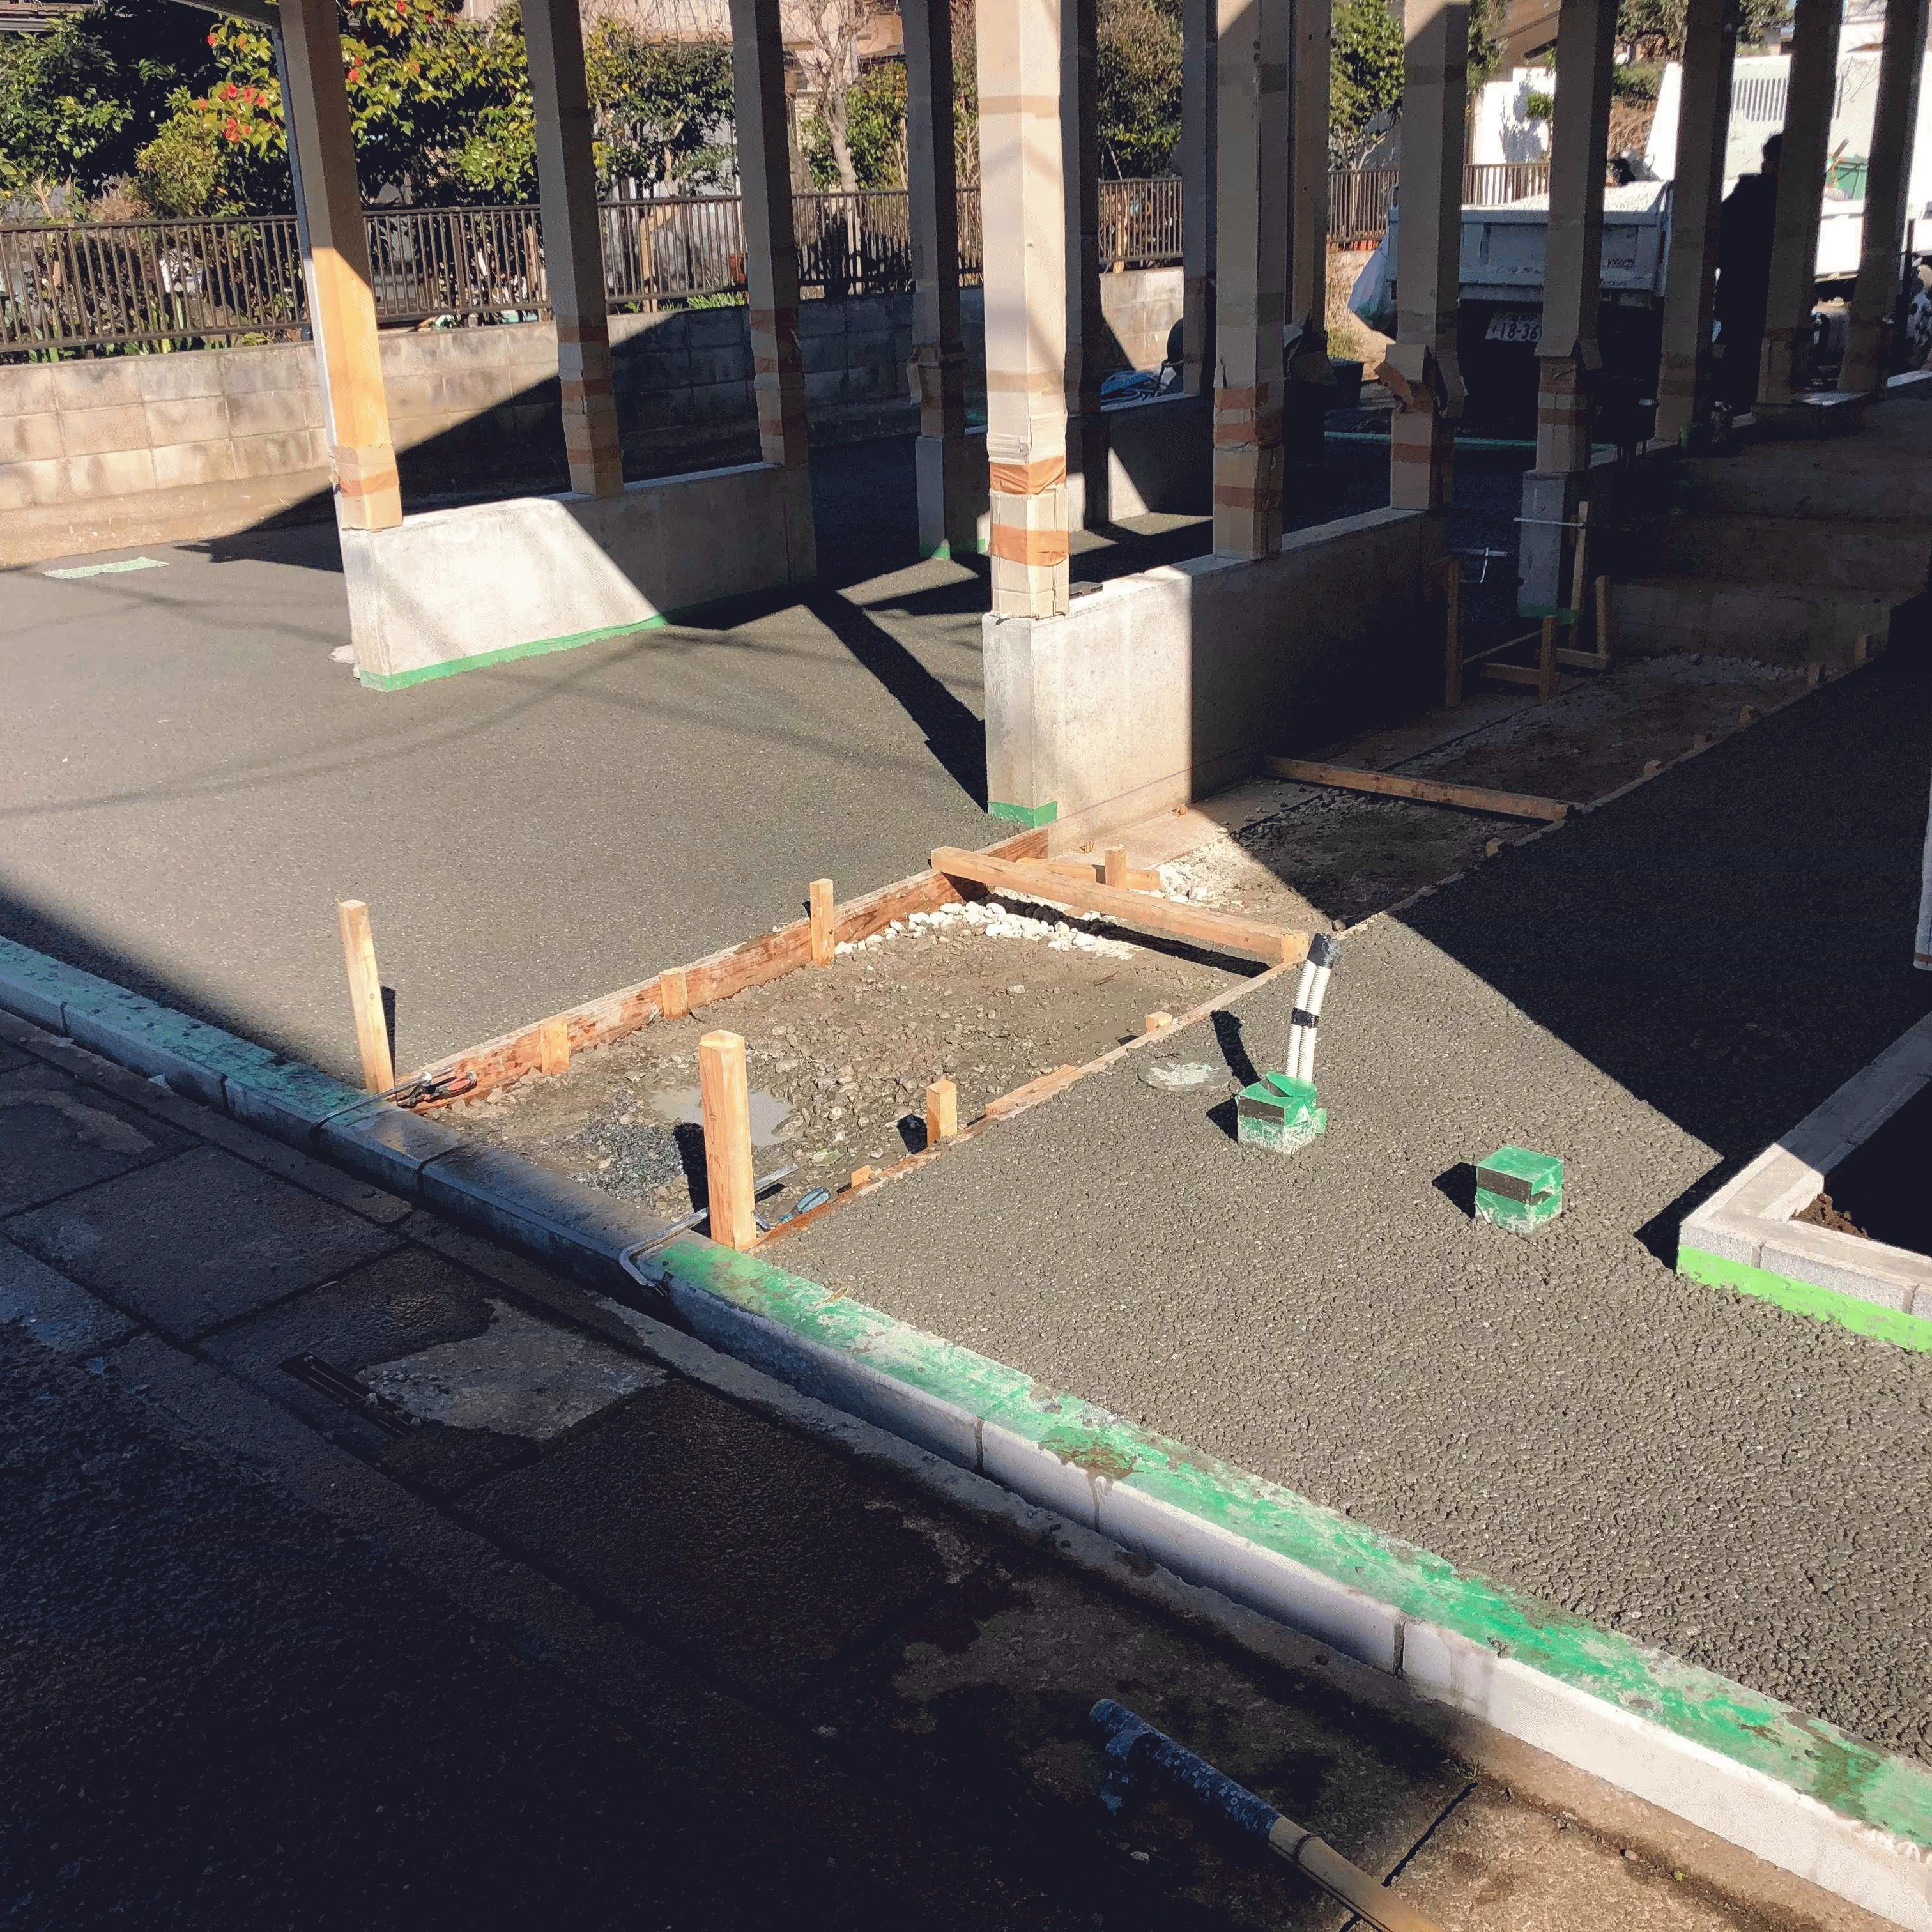 【埼玉】「以前からどこかで使ってみたい」「設計に指定されていた」駐車場、60m2